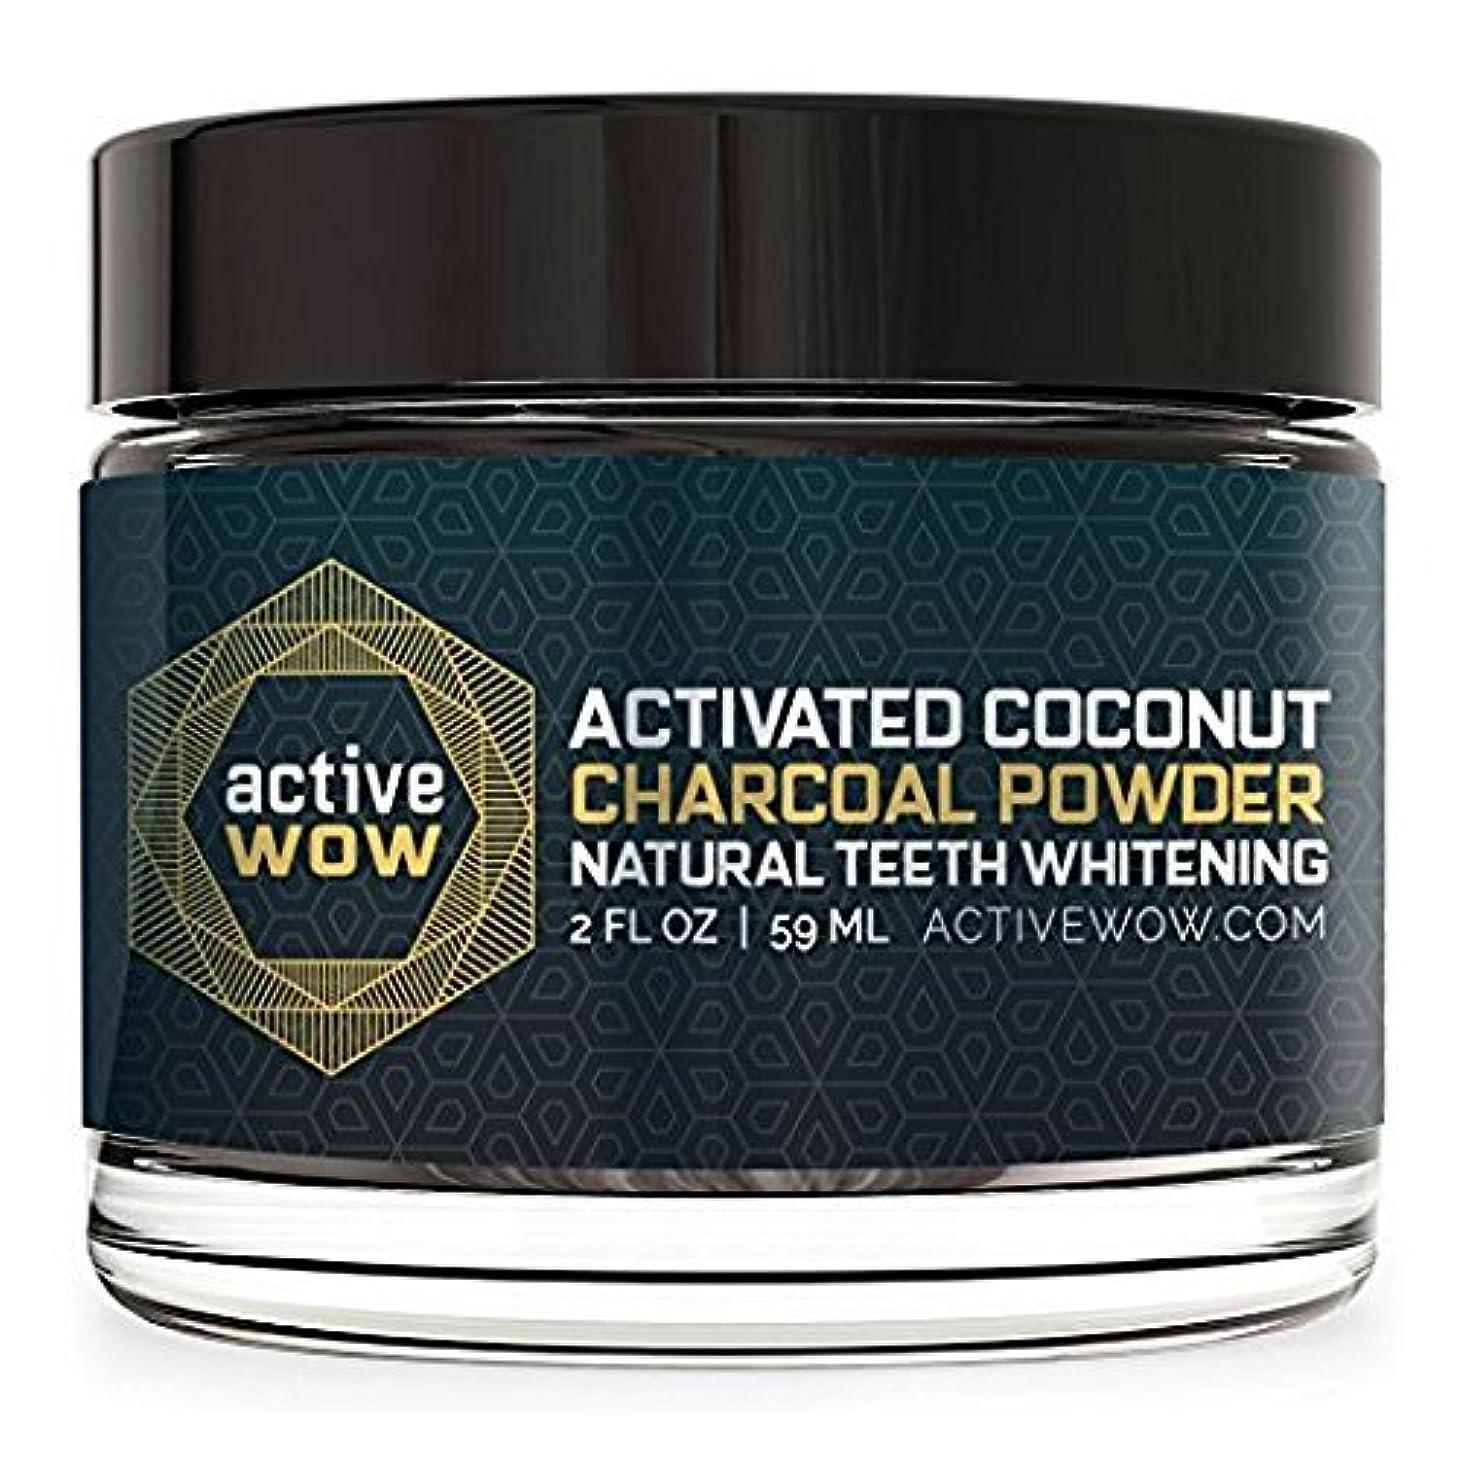 窒息させる自明皮肉アメリカで売れている 炭パウダー歯のホワイトニング Teeth Whitening Charcoal Powder Natural [並行輸入品]